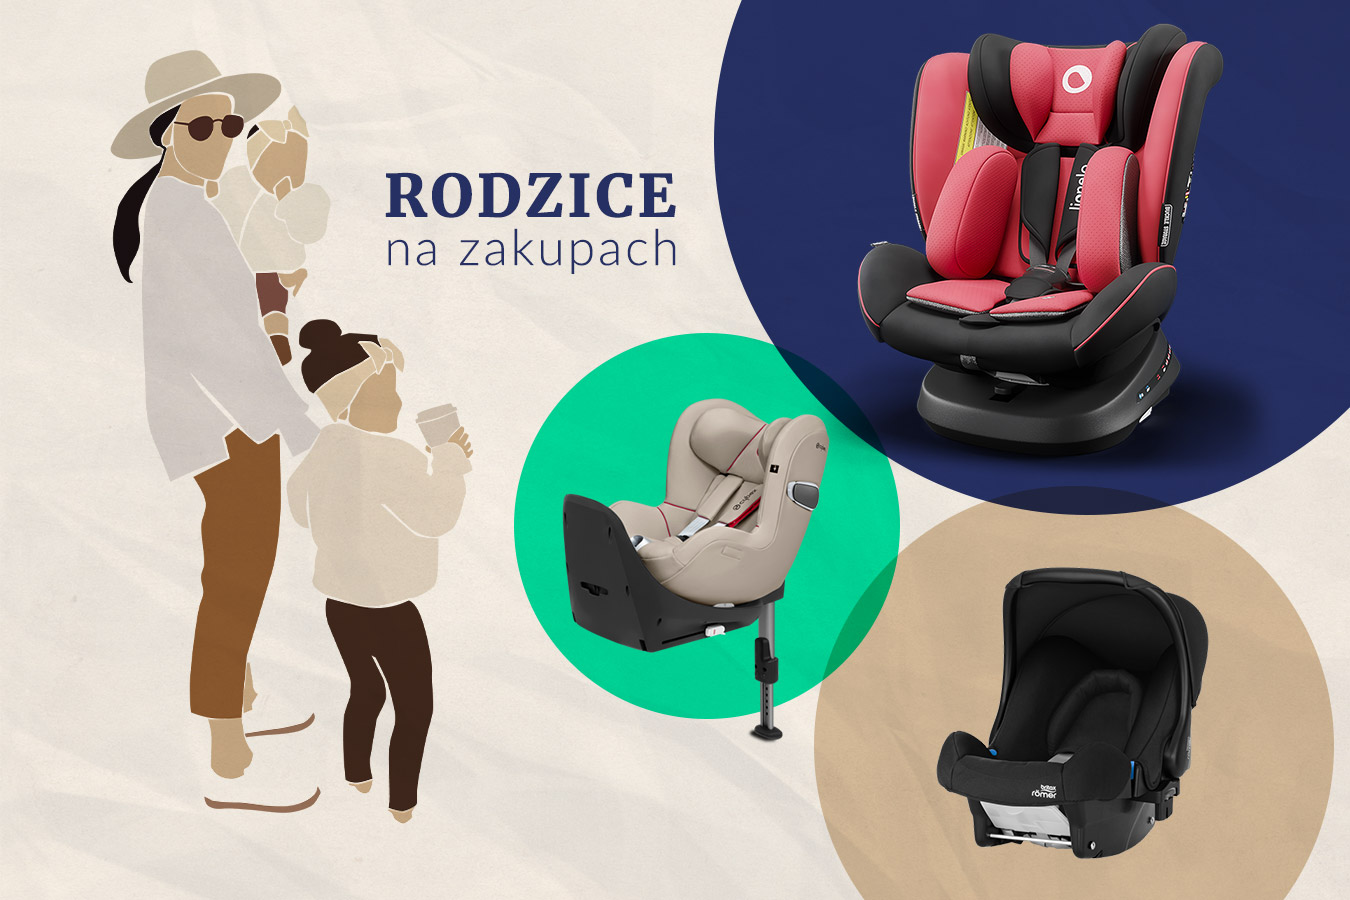 Fotelik samochodowy dla niemowlaka – jak wybrać pierwszy fotelik dla dziecka?